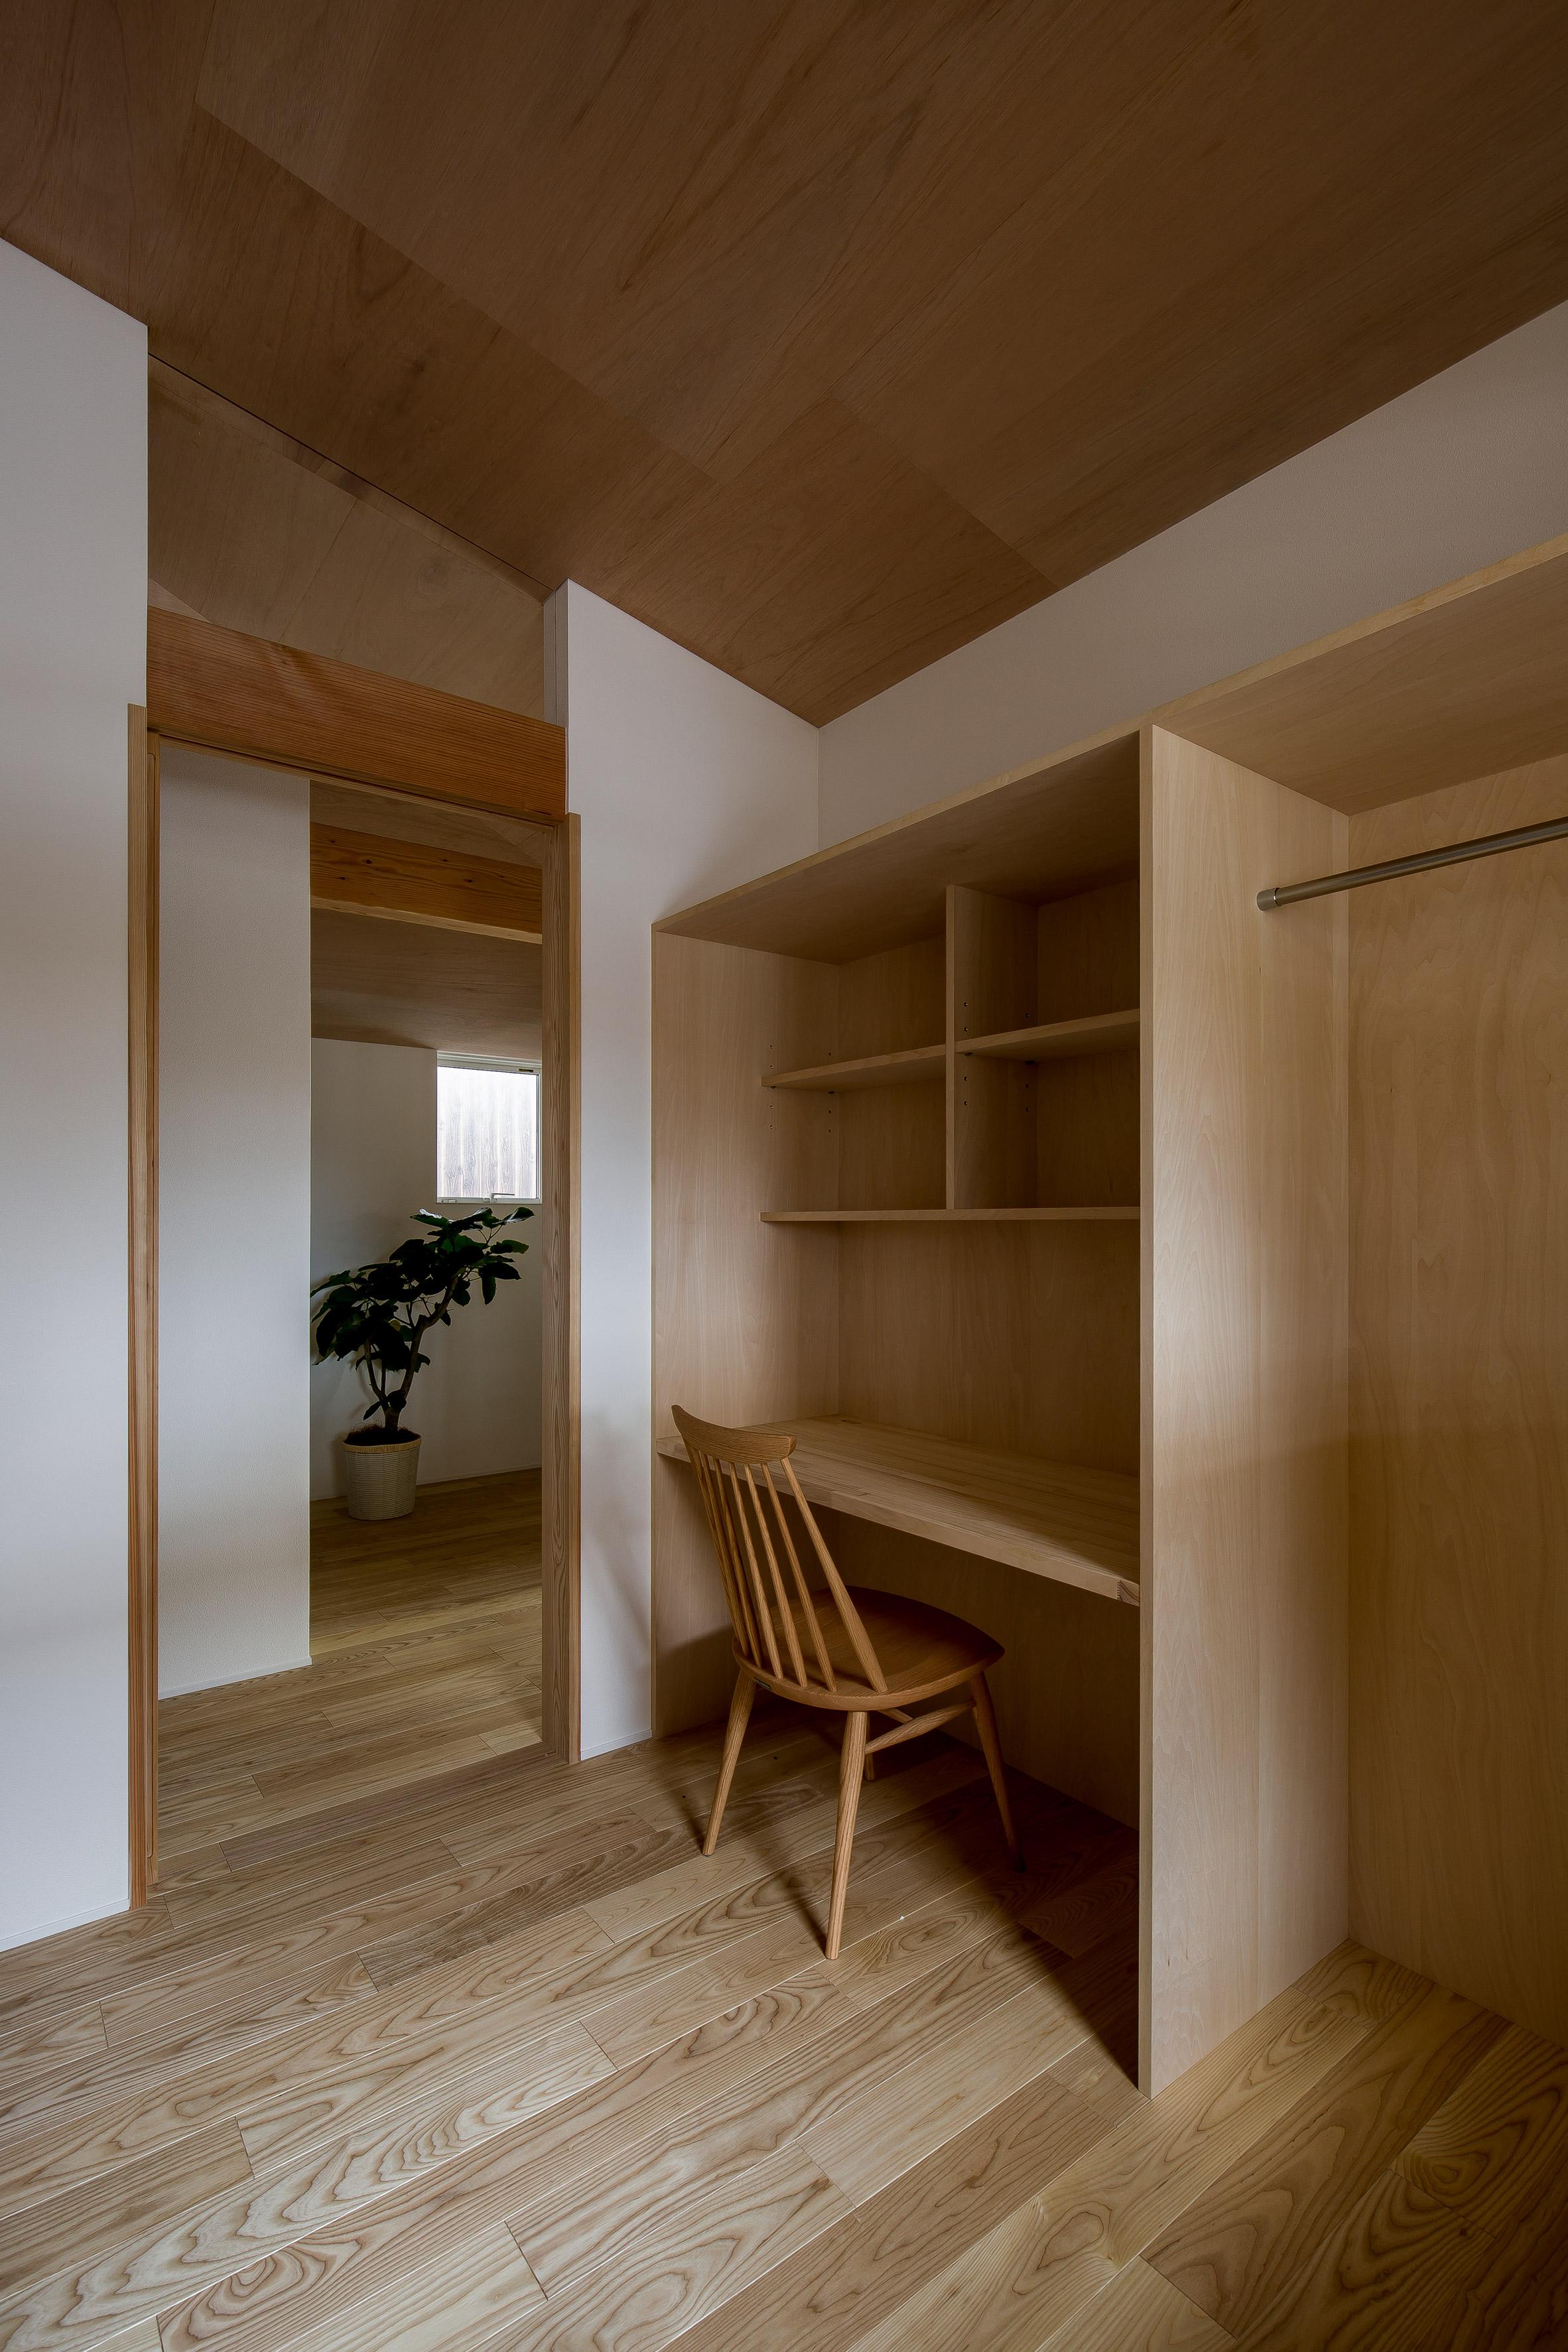 Ngôi nhà có khoảng sân vườn thiết kế nghệ thuật giúp từng góc nhỏ bên trong đều đẹp như tranh vẽ - Ảnh 11.